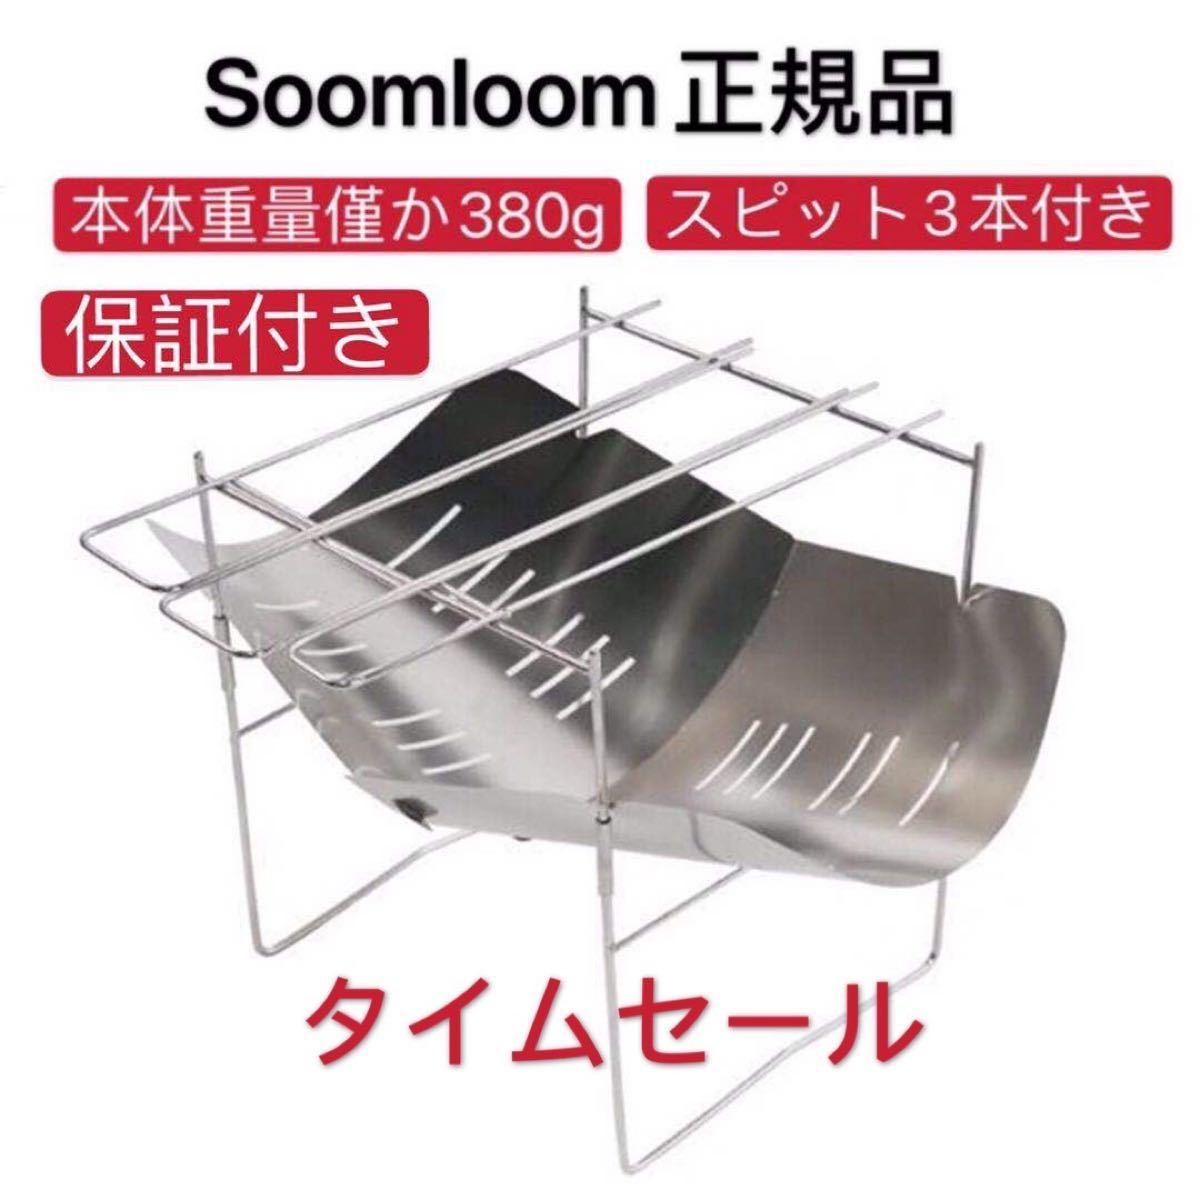 期間限定セール 残り僅か!Soomloom正規品 焚き火台 1年保証付き